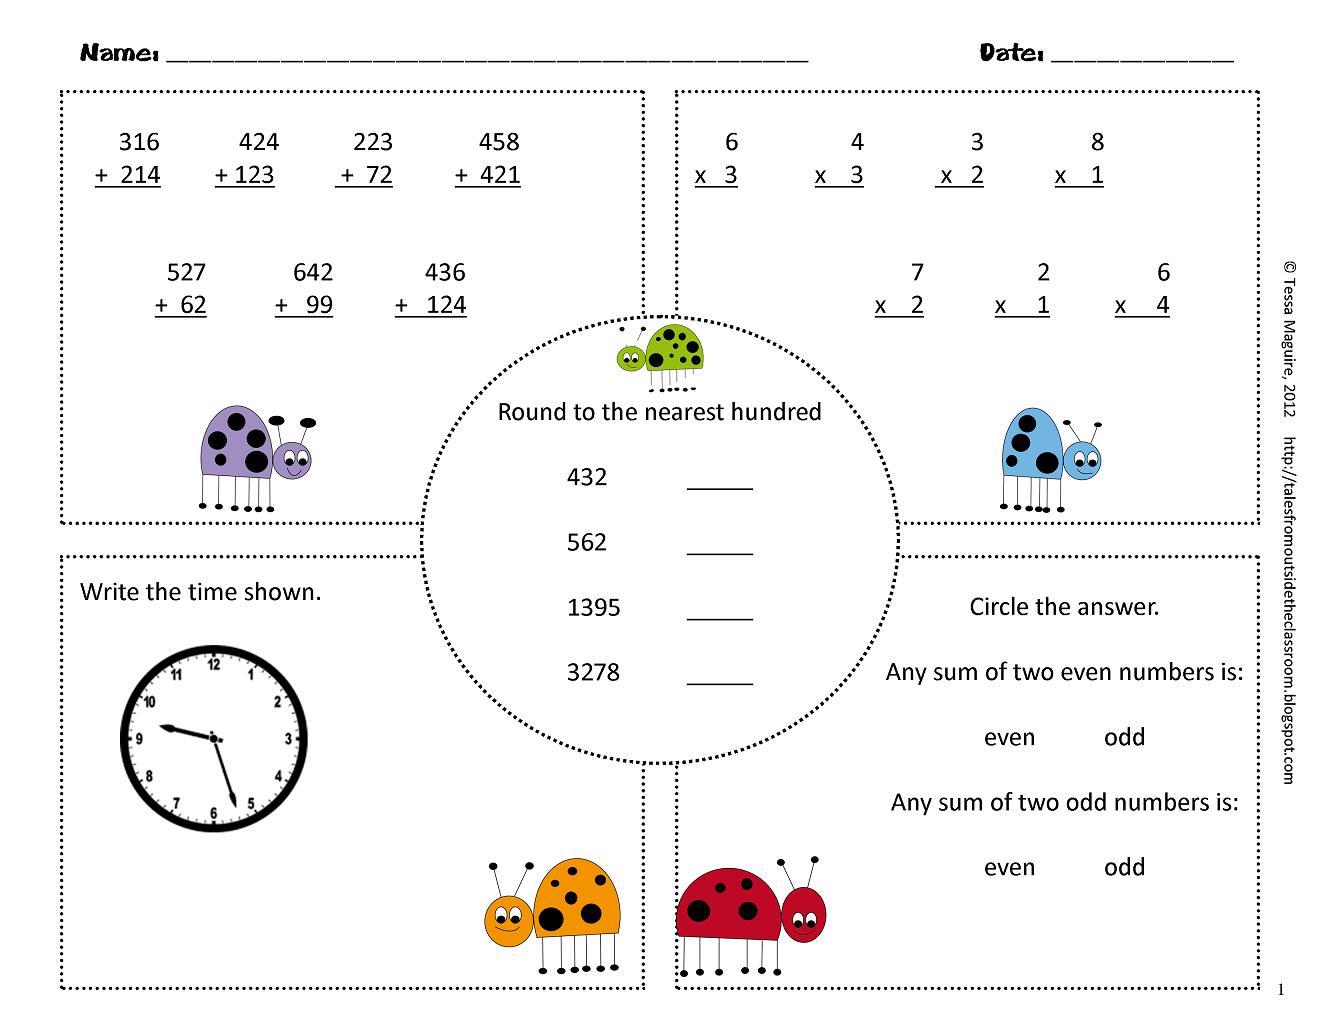 Multiplication Worksheets multiplication worksheets 3rd grade : Math - Lessons - Tes Teach